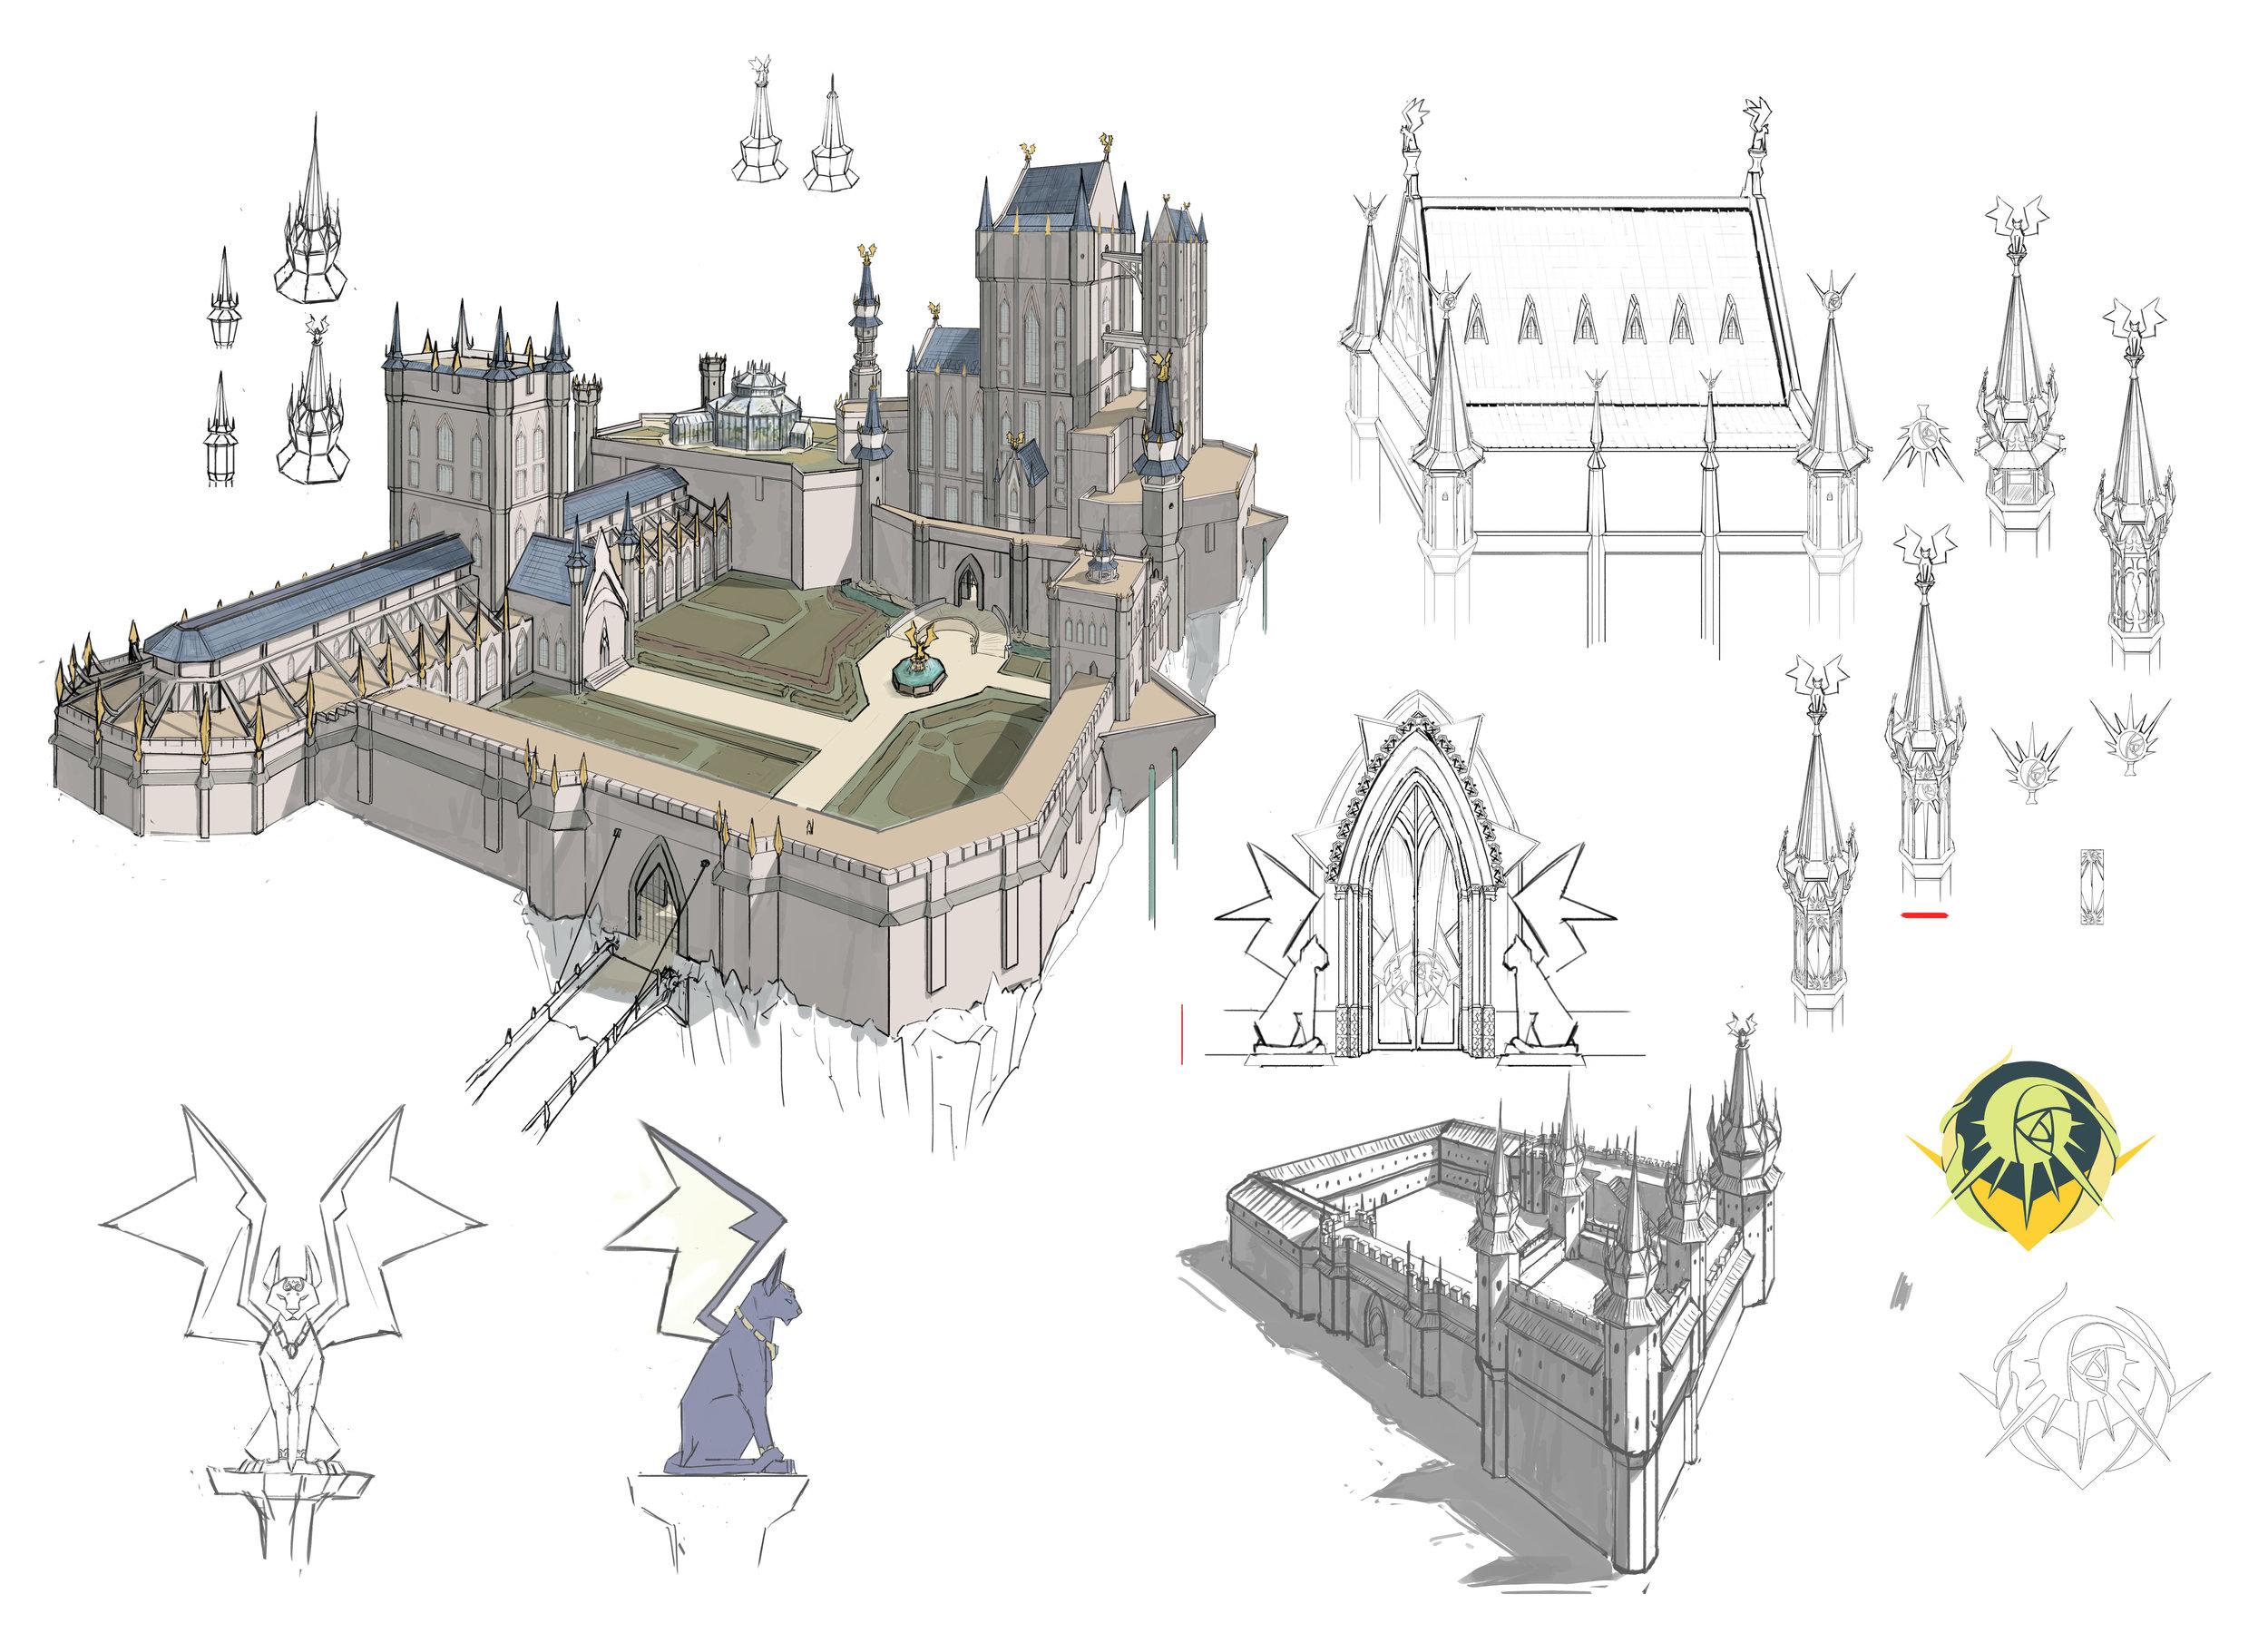 Project: Rumple, Duke's castle